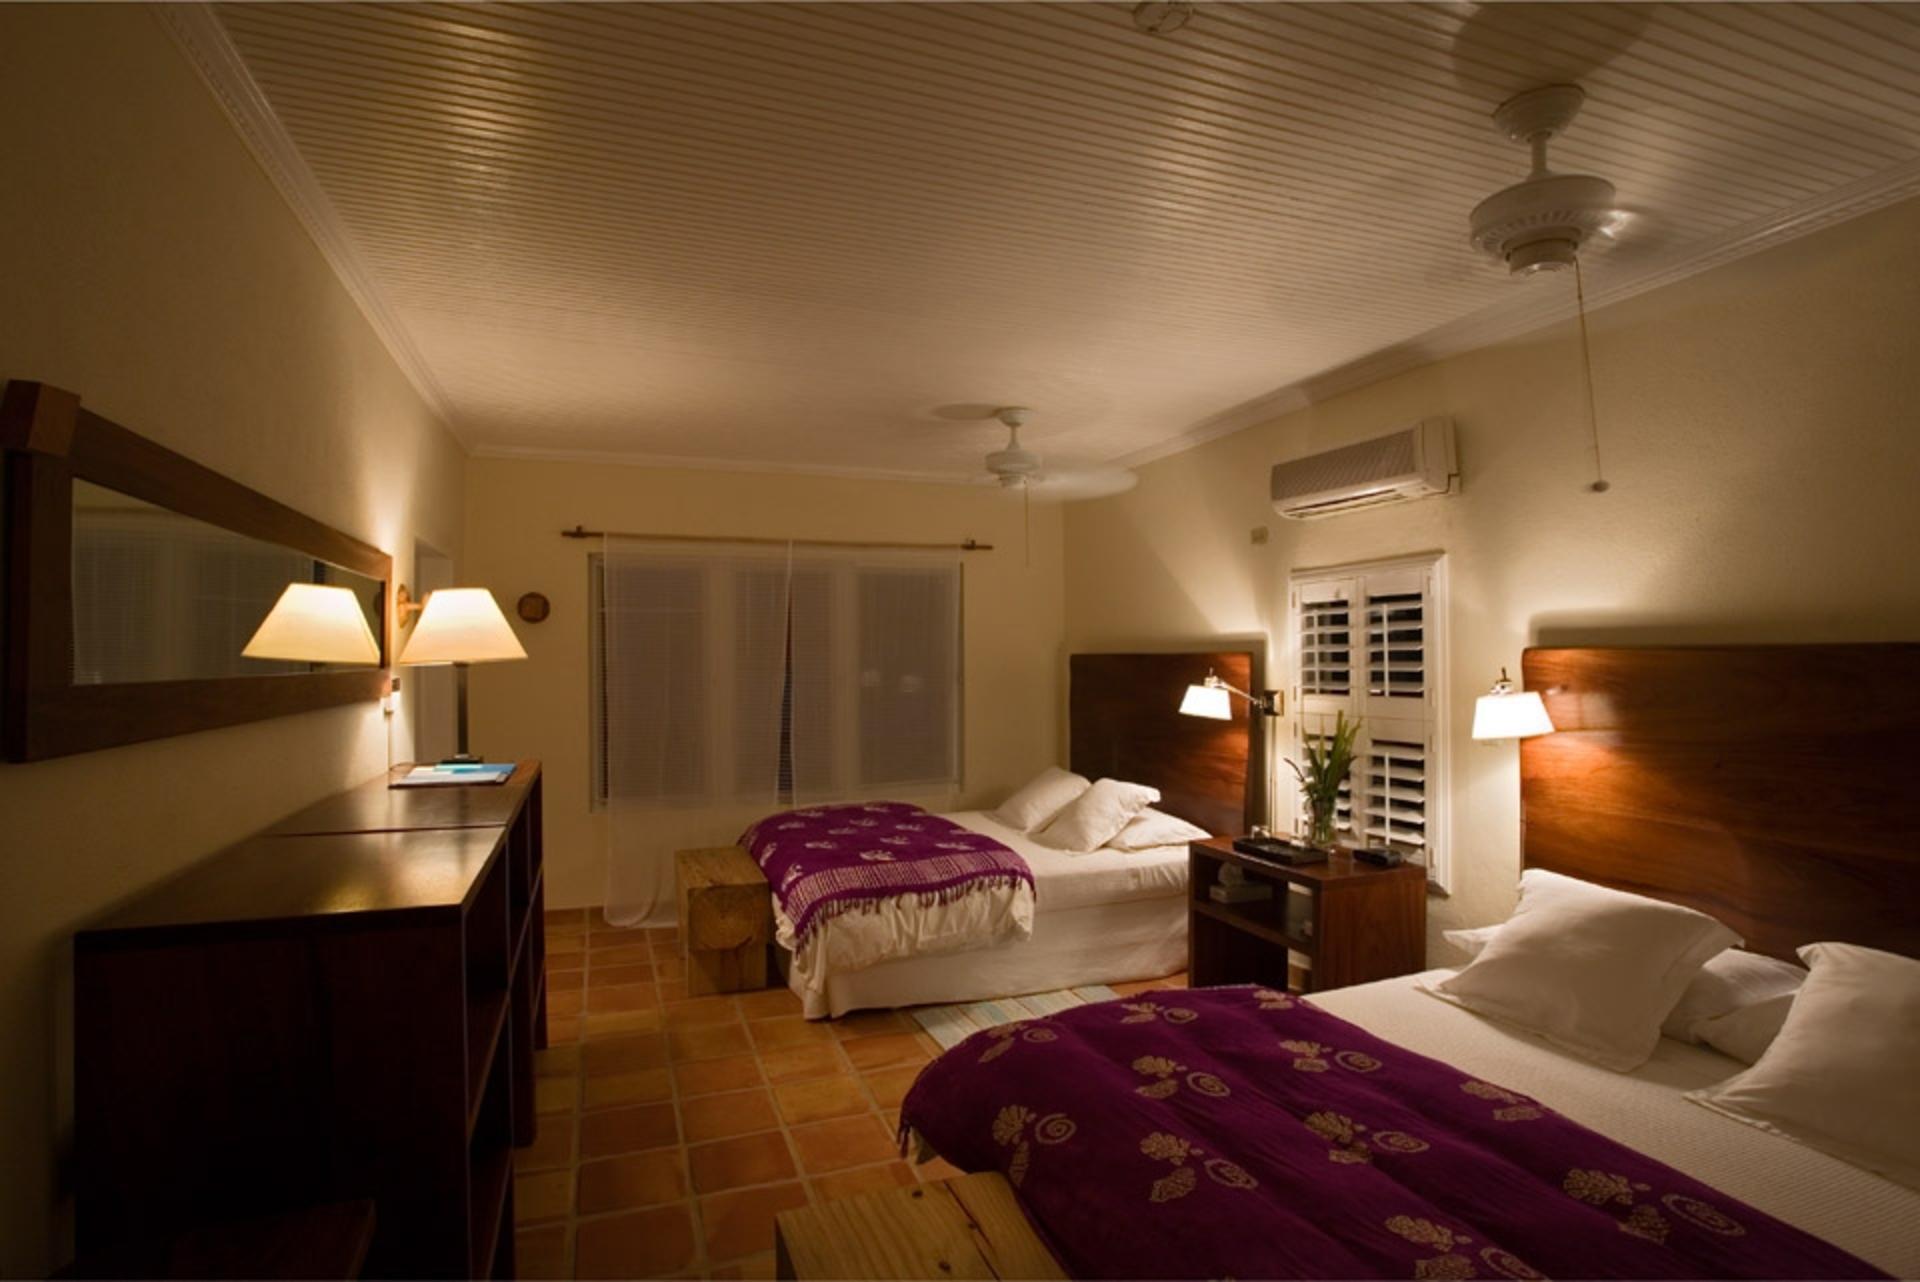 bair's room